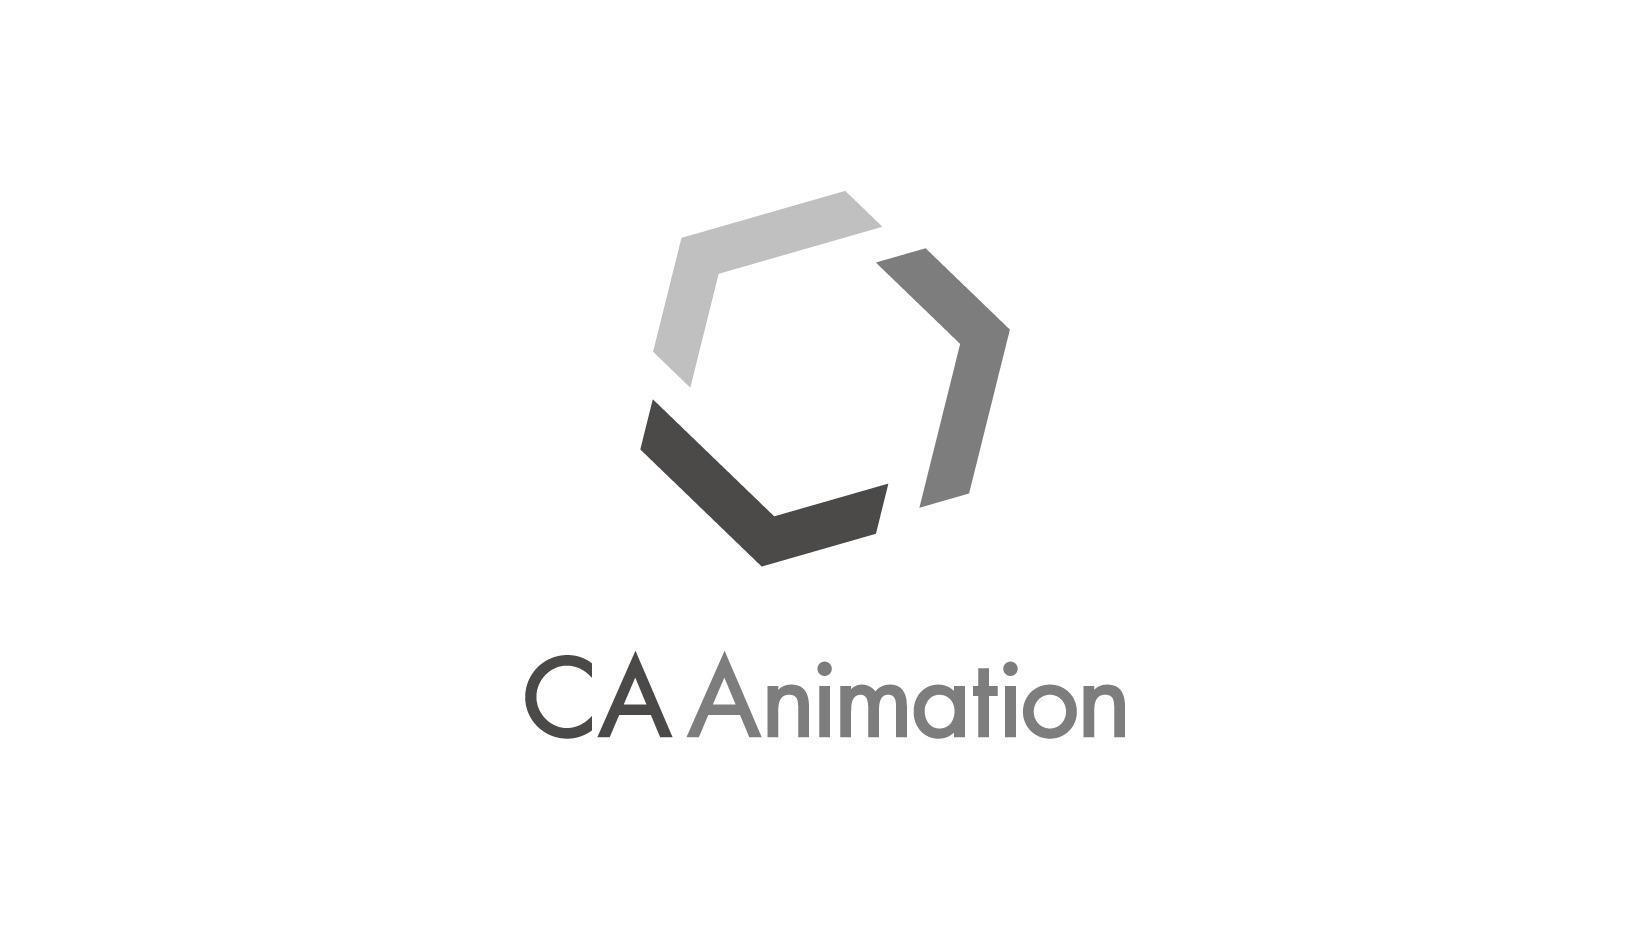 母公司也不甘落后,Cygames母公司CyberAgent成立动画品牌CA Animation